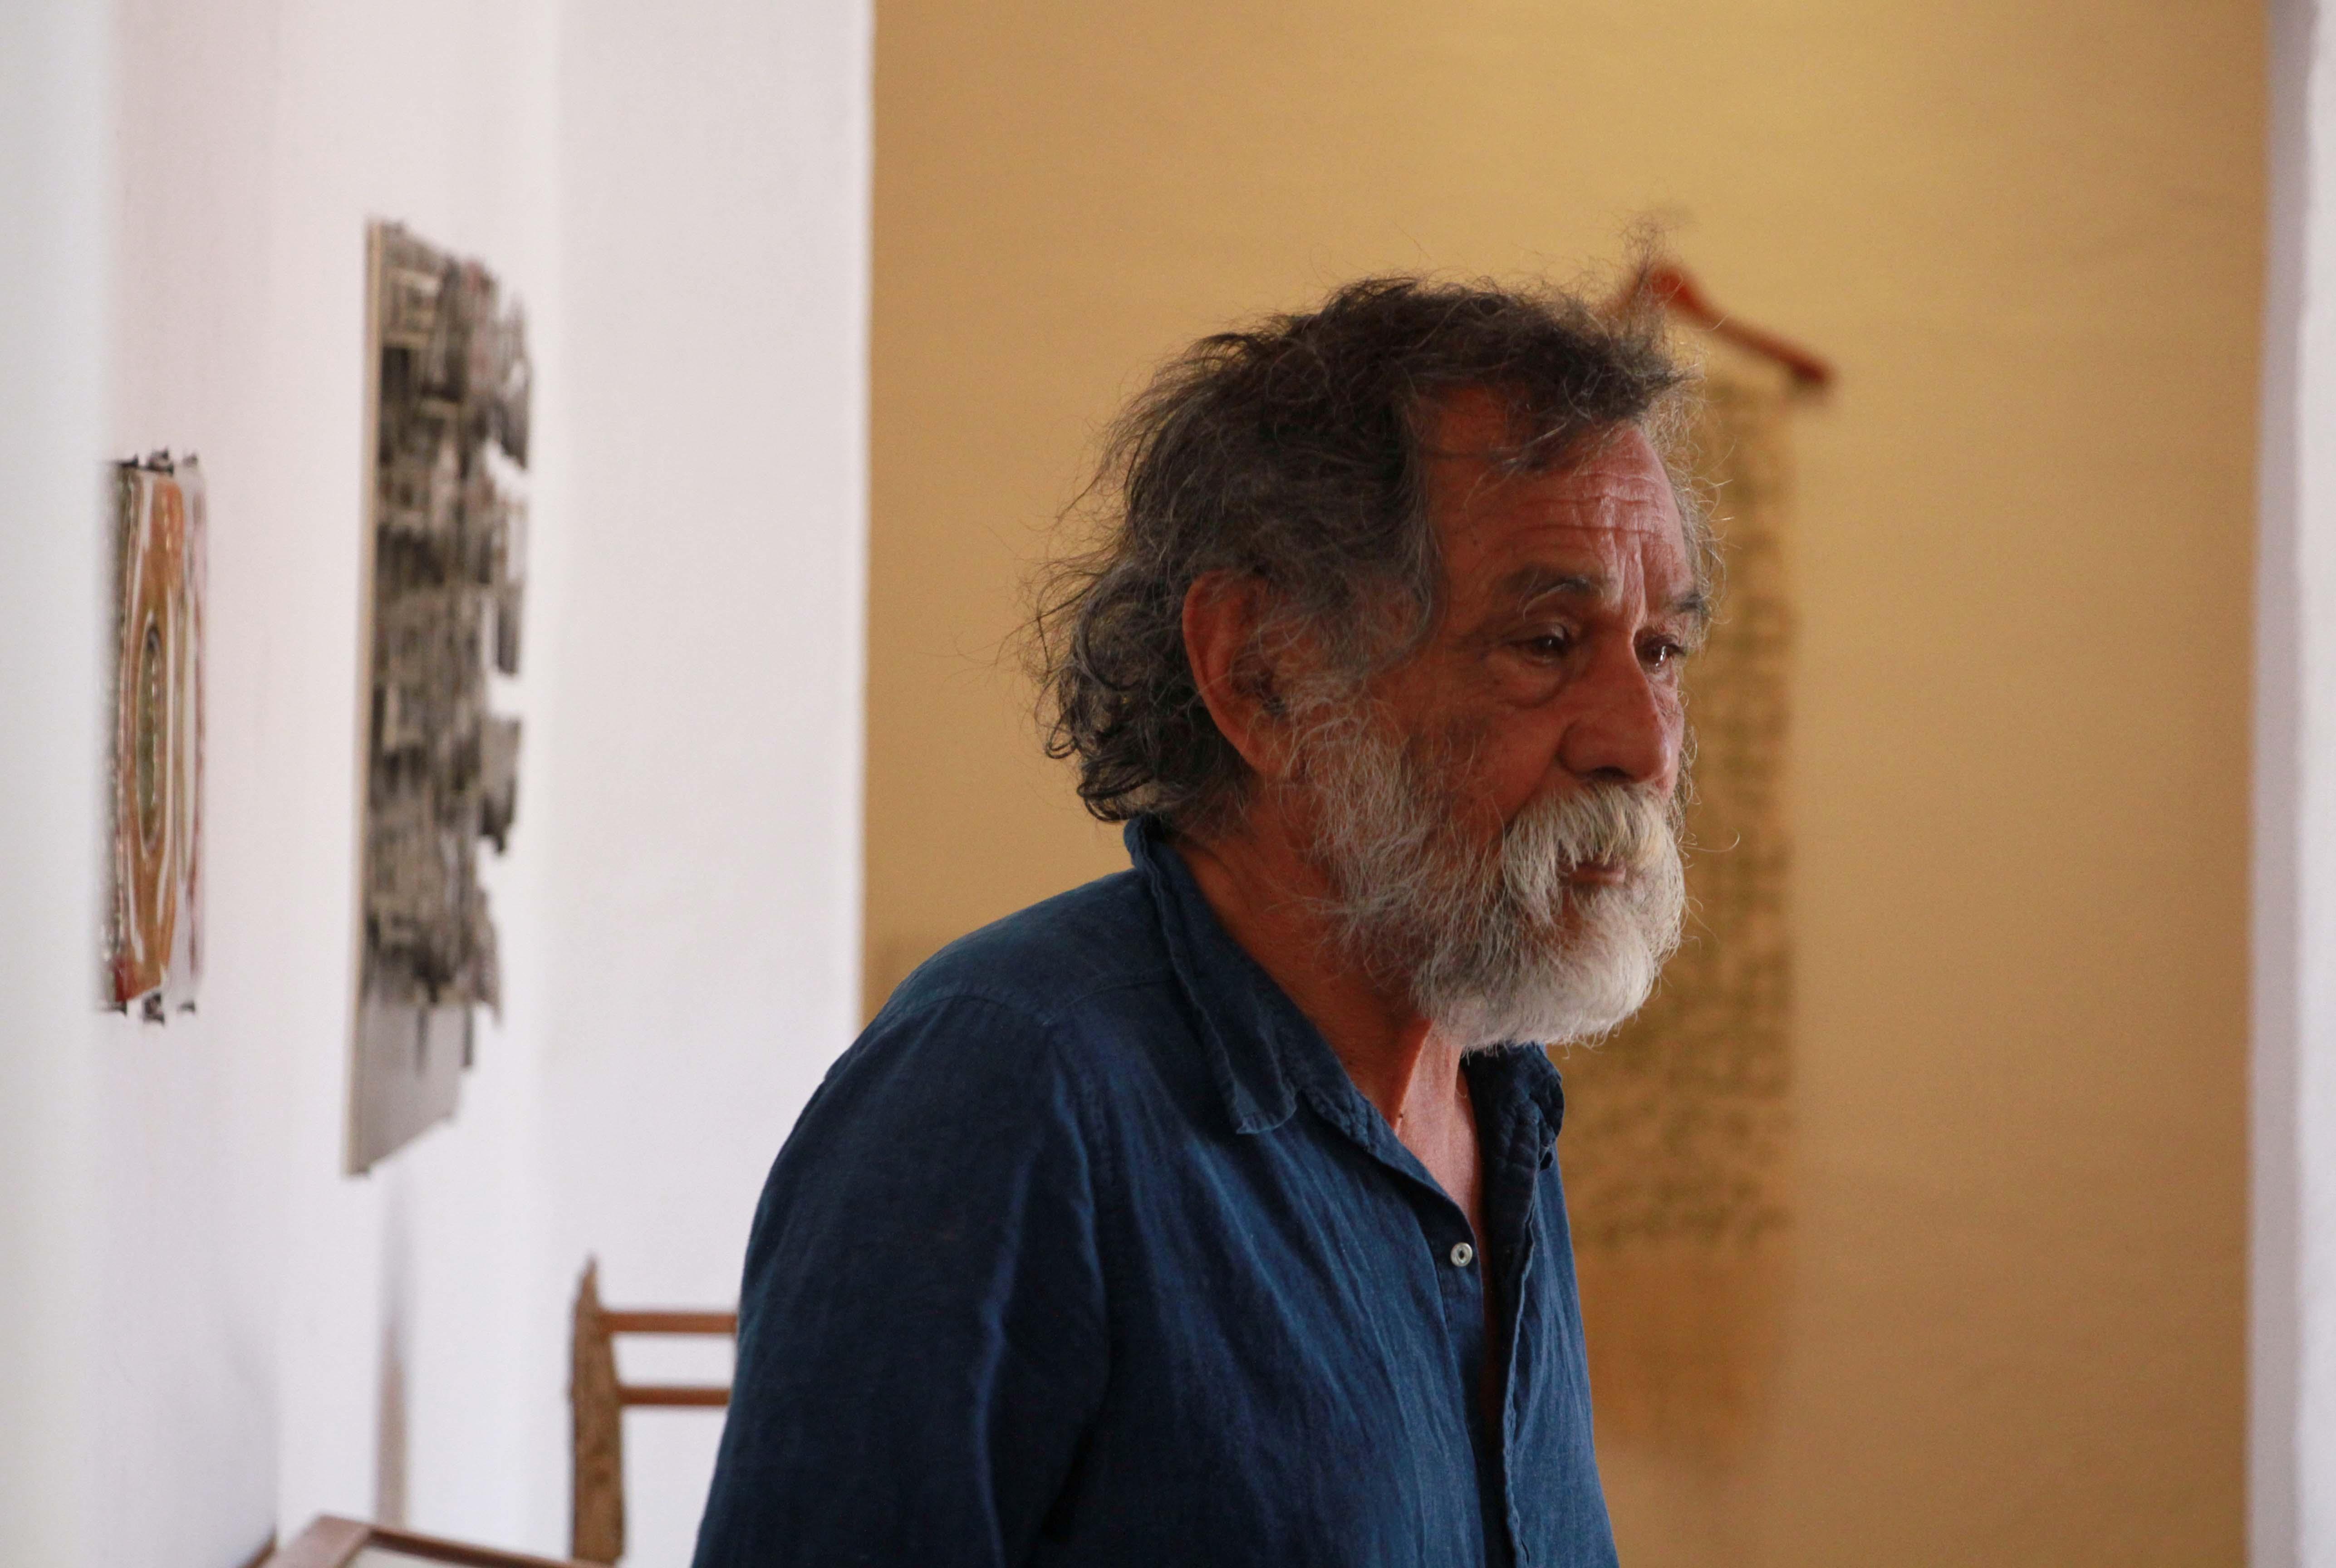 El artista mexicano Francisco Toledo en Oaxaca el 15 de febrero de